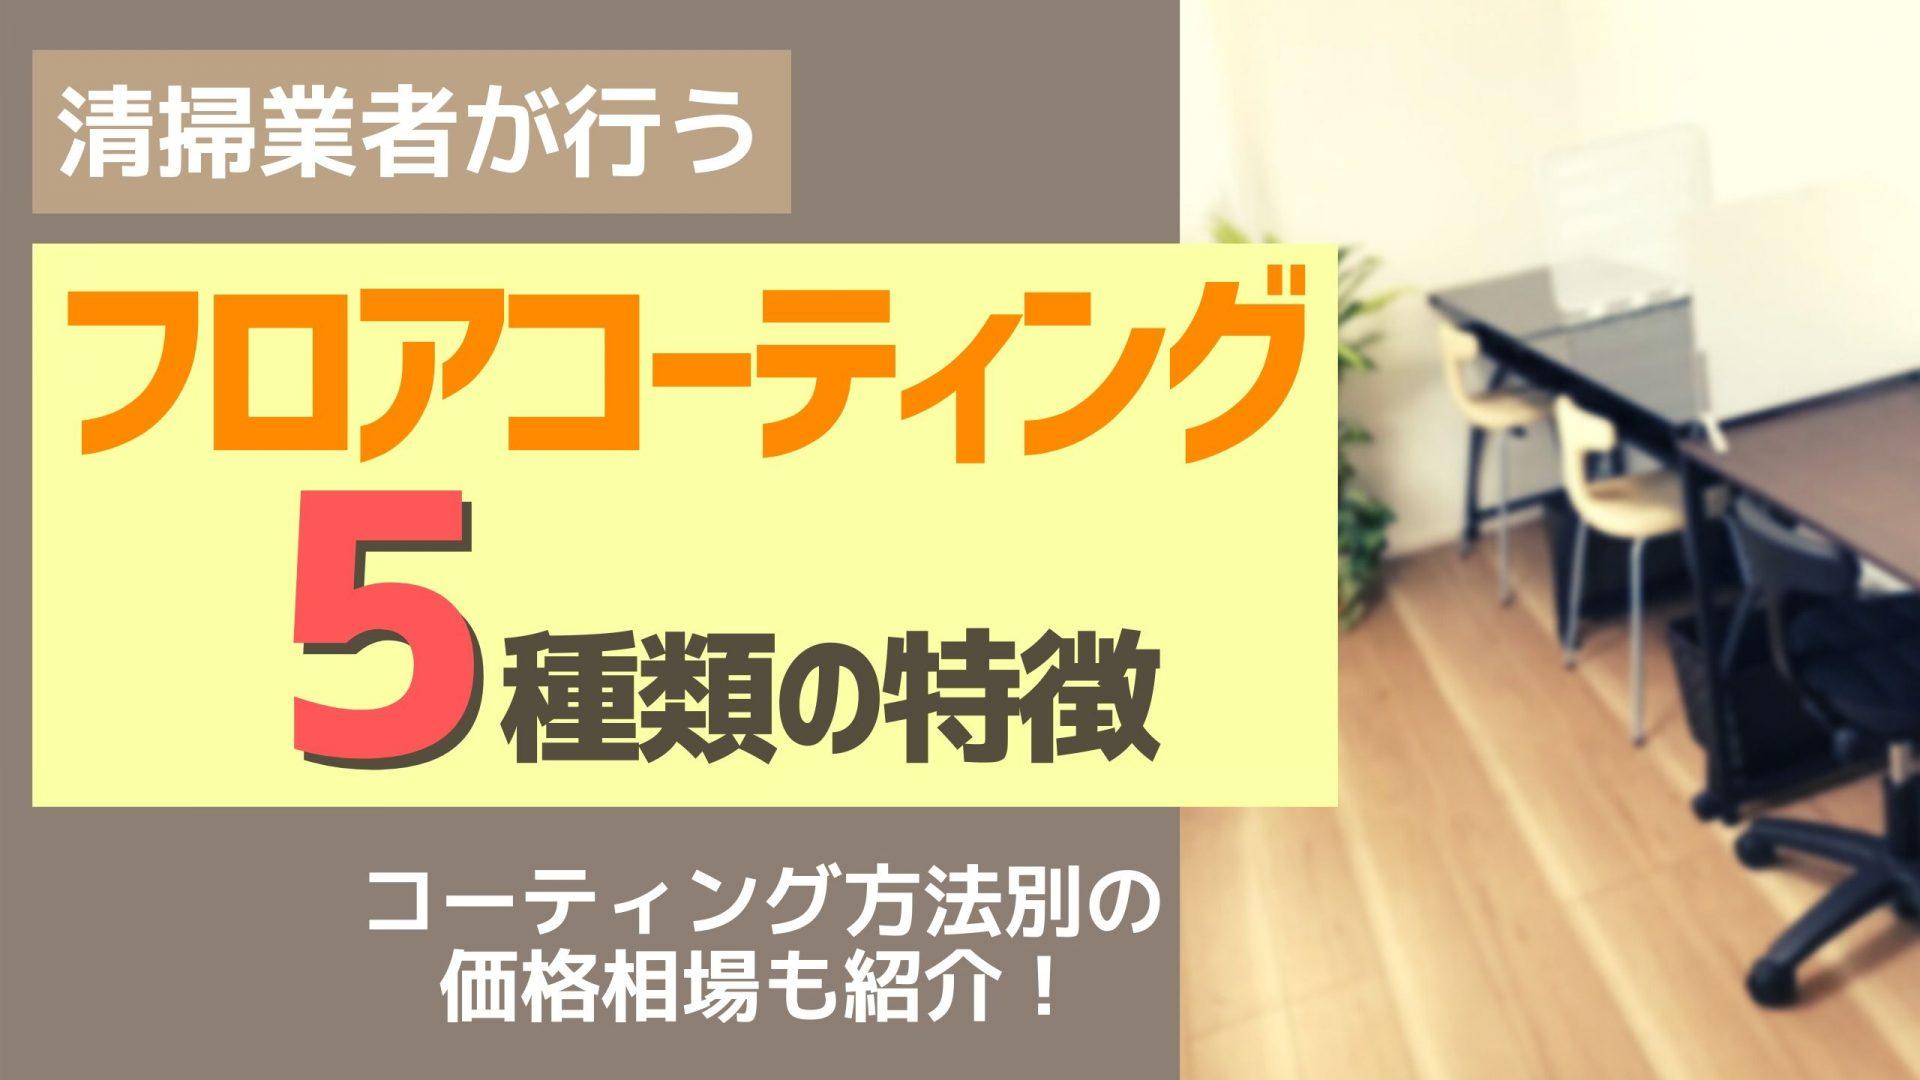 7b1ee880a2de60d42cb8f657d5a2642b - 清掃業者が行う5種類のフロアコーティング方法!特徴や価格を解説